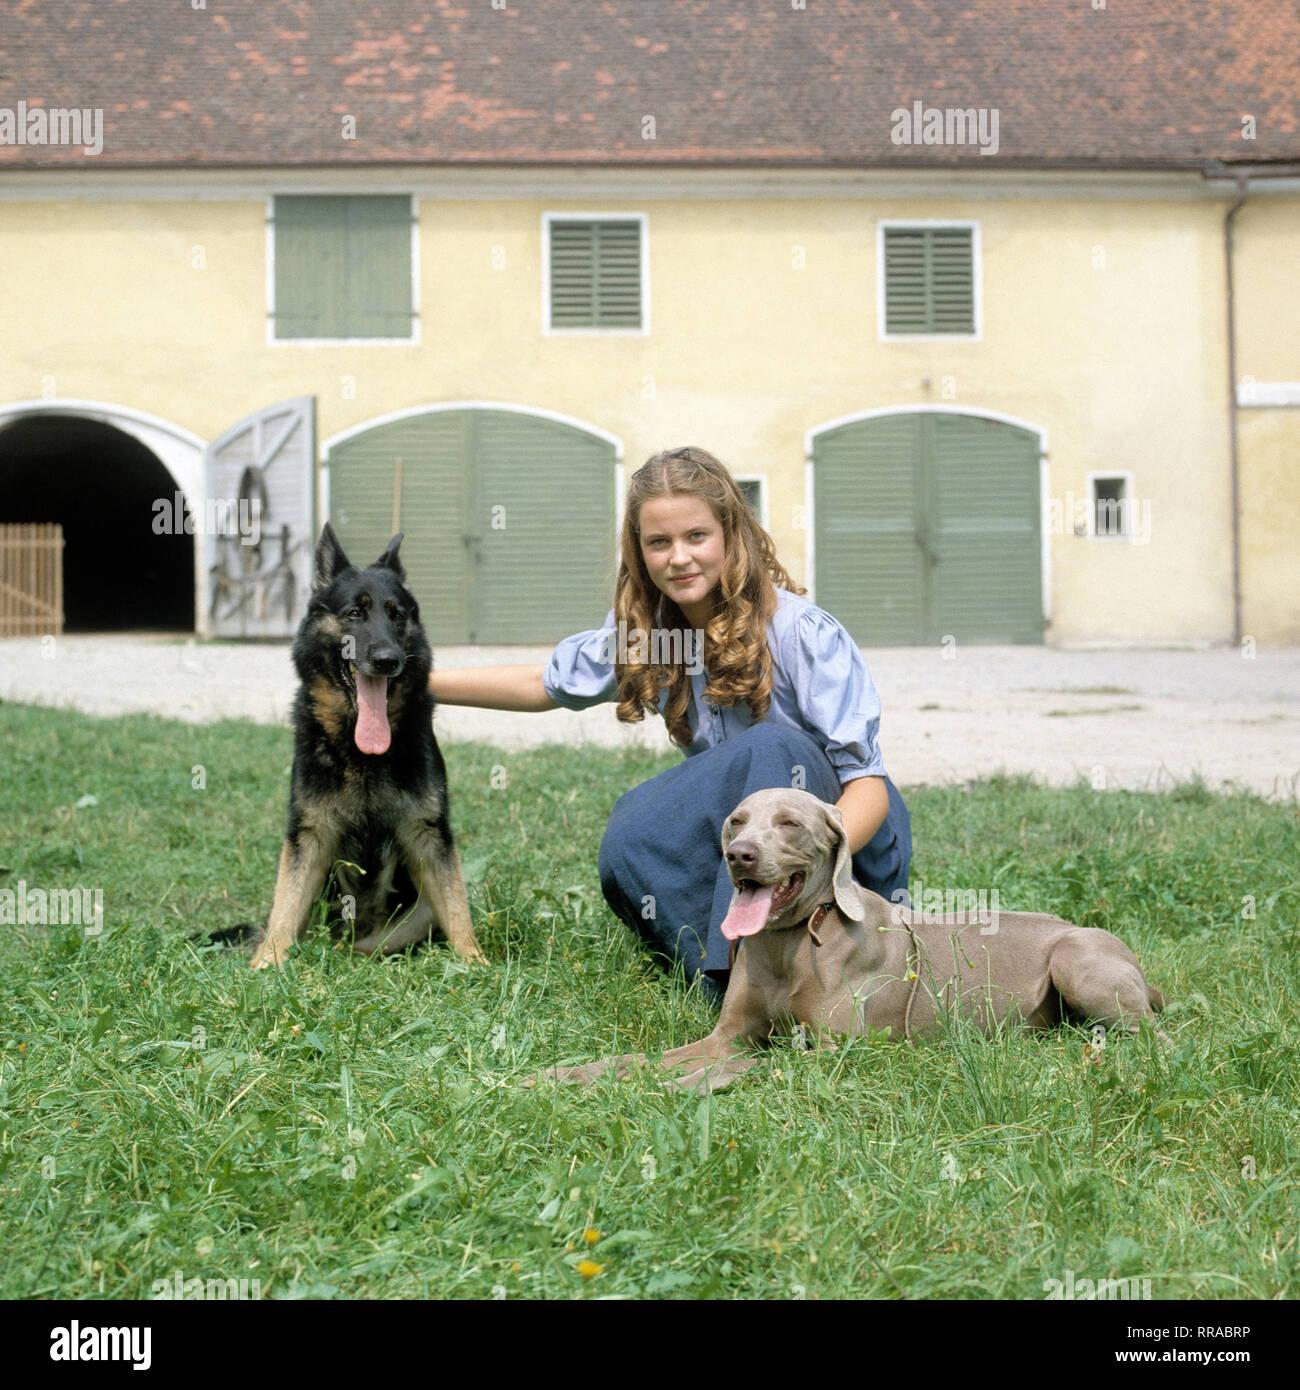 DER TROTZKOPF / Folge 1 - Abschied / BRD 1983 / Helmut Ashley / TV-Mehrteiler von 1983: ANJA SCHÜTE (Ilse) mit Hunden (Schäferhund und Weimeraner). EM / Schüte / Überschrift: DER TROTZKOPF / BRD 1983 Immagini Stock